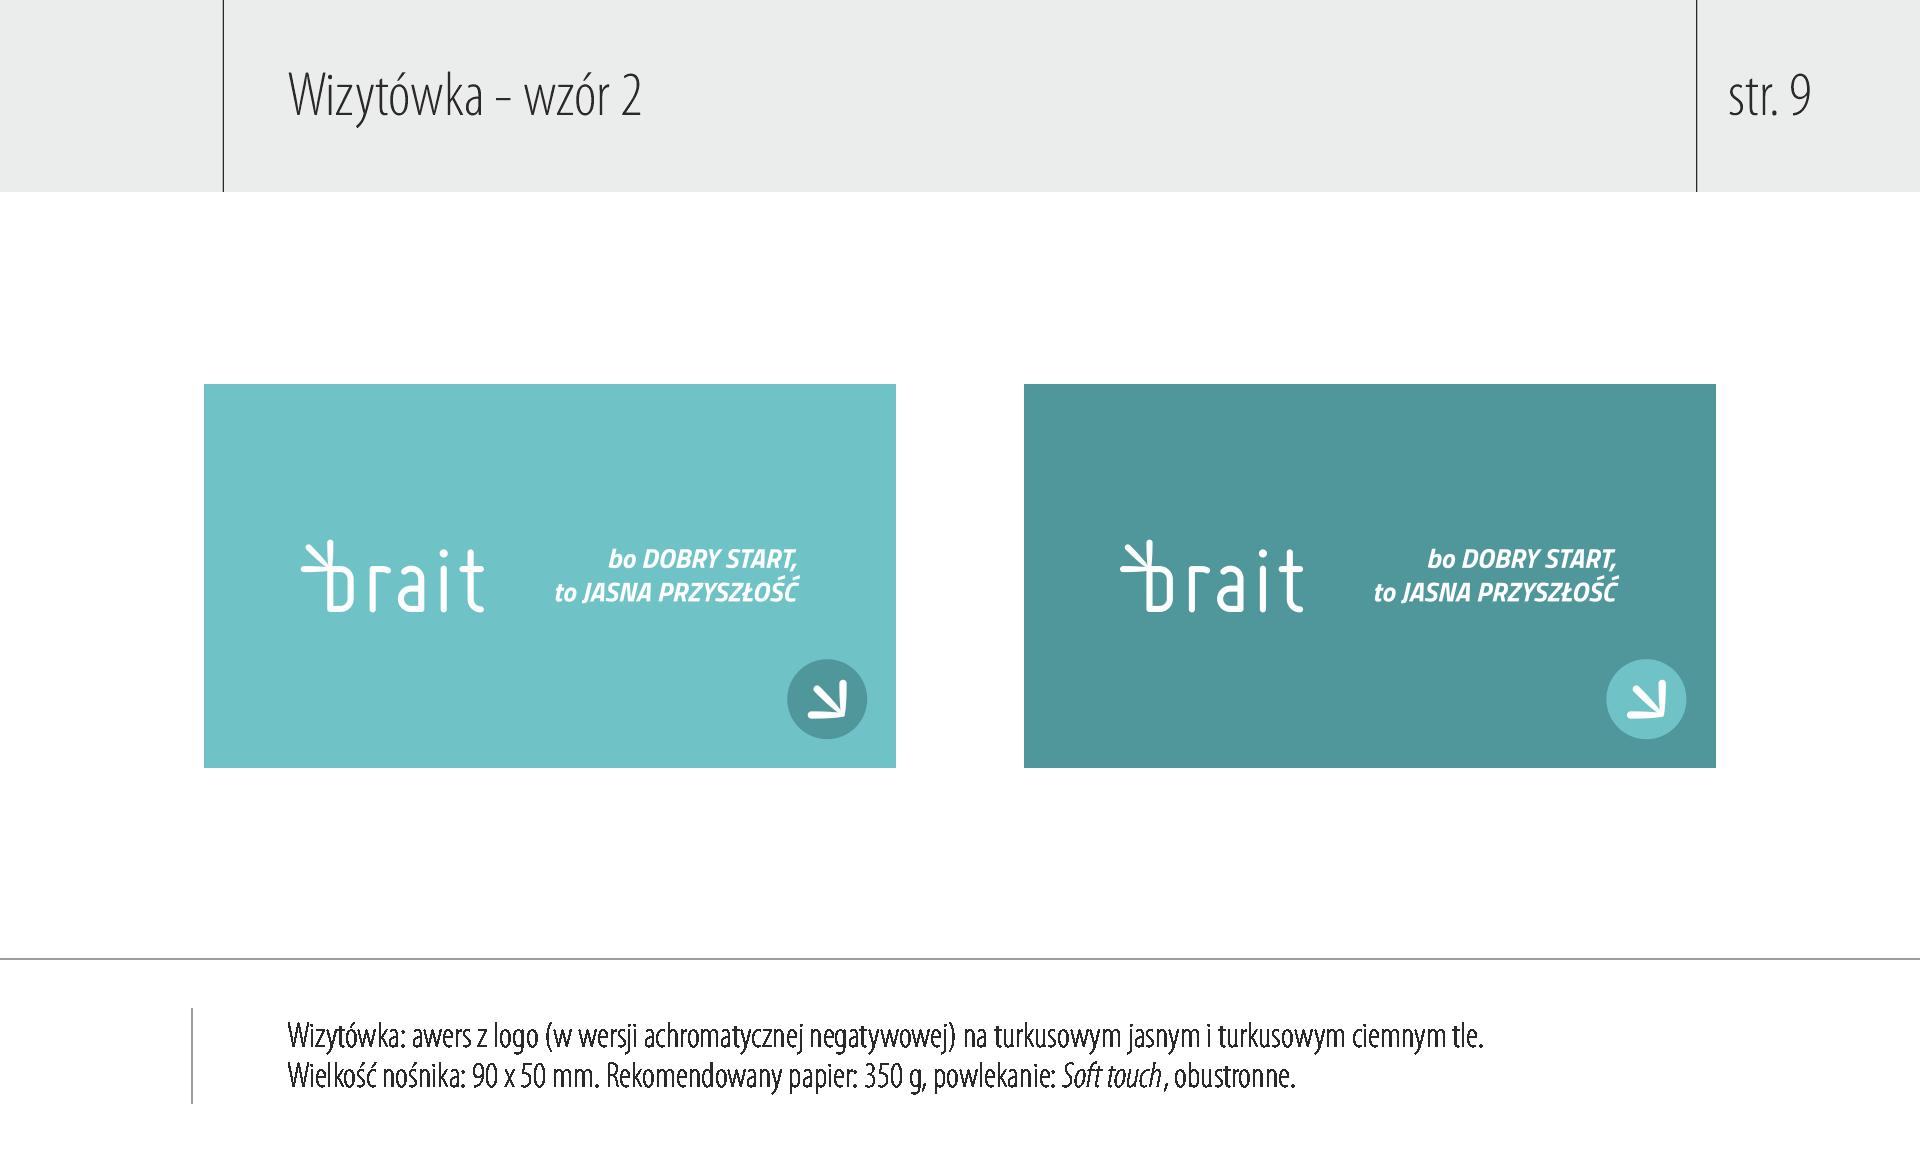 brait-siw-9